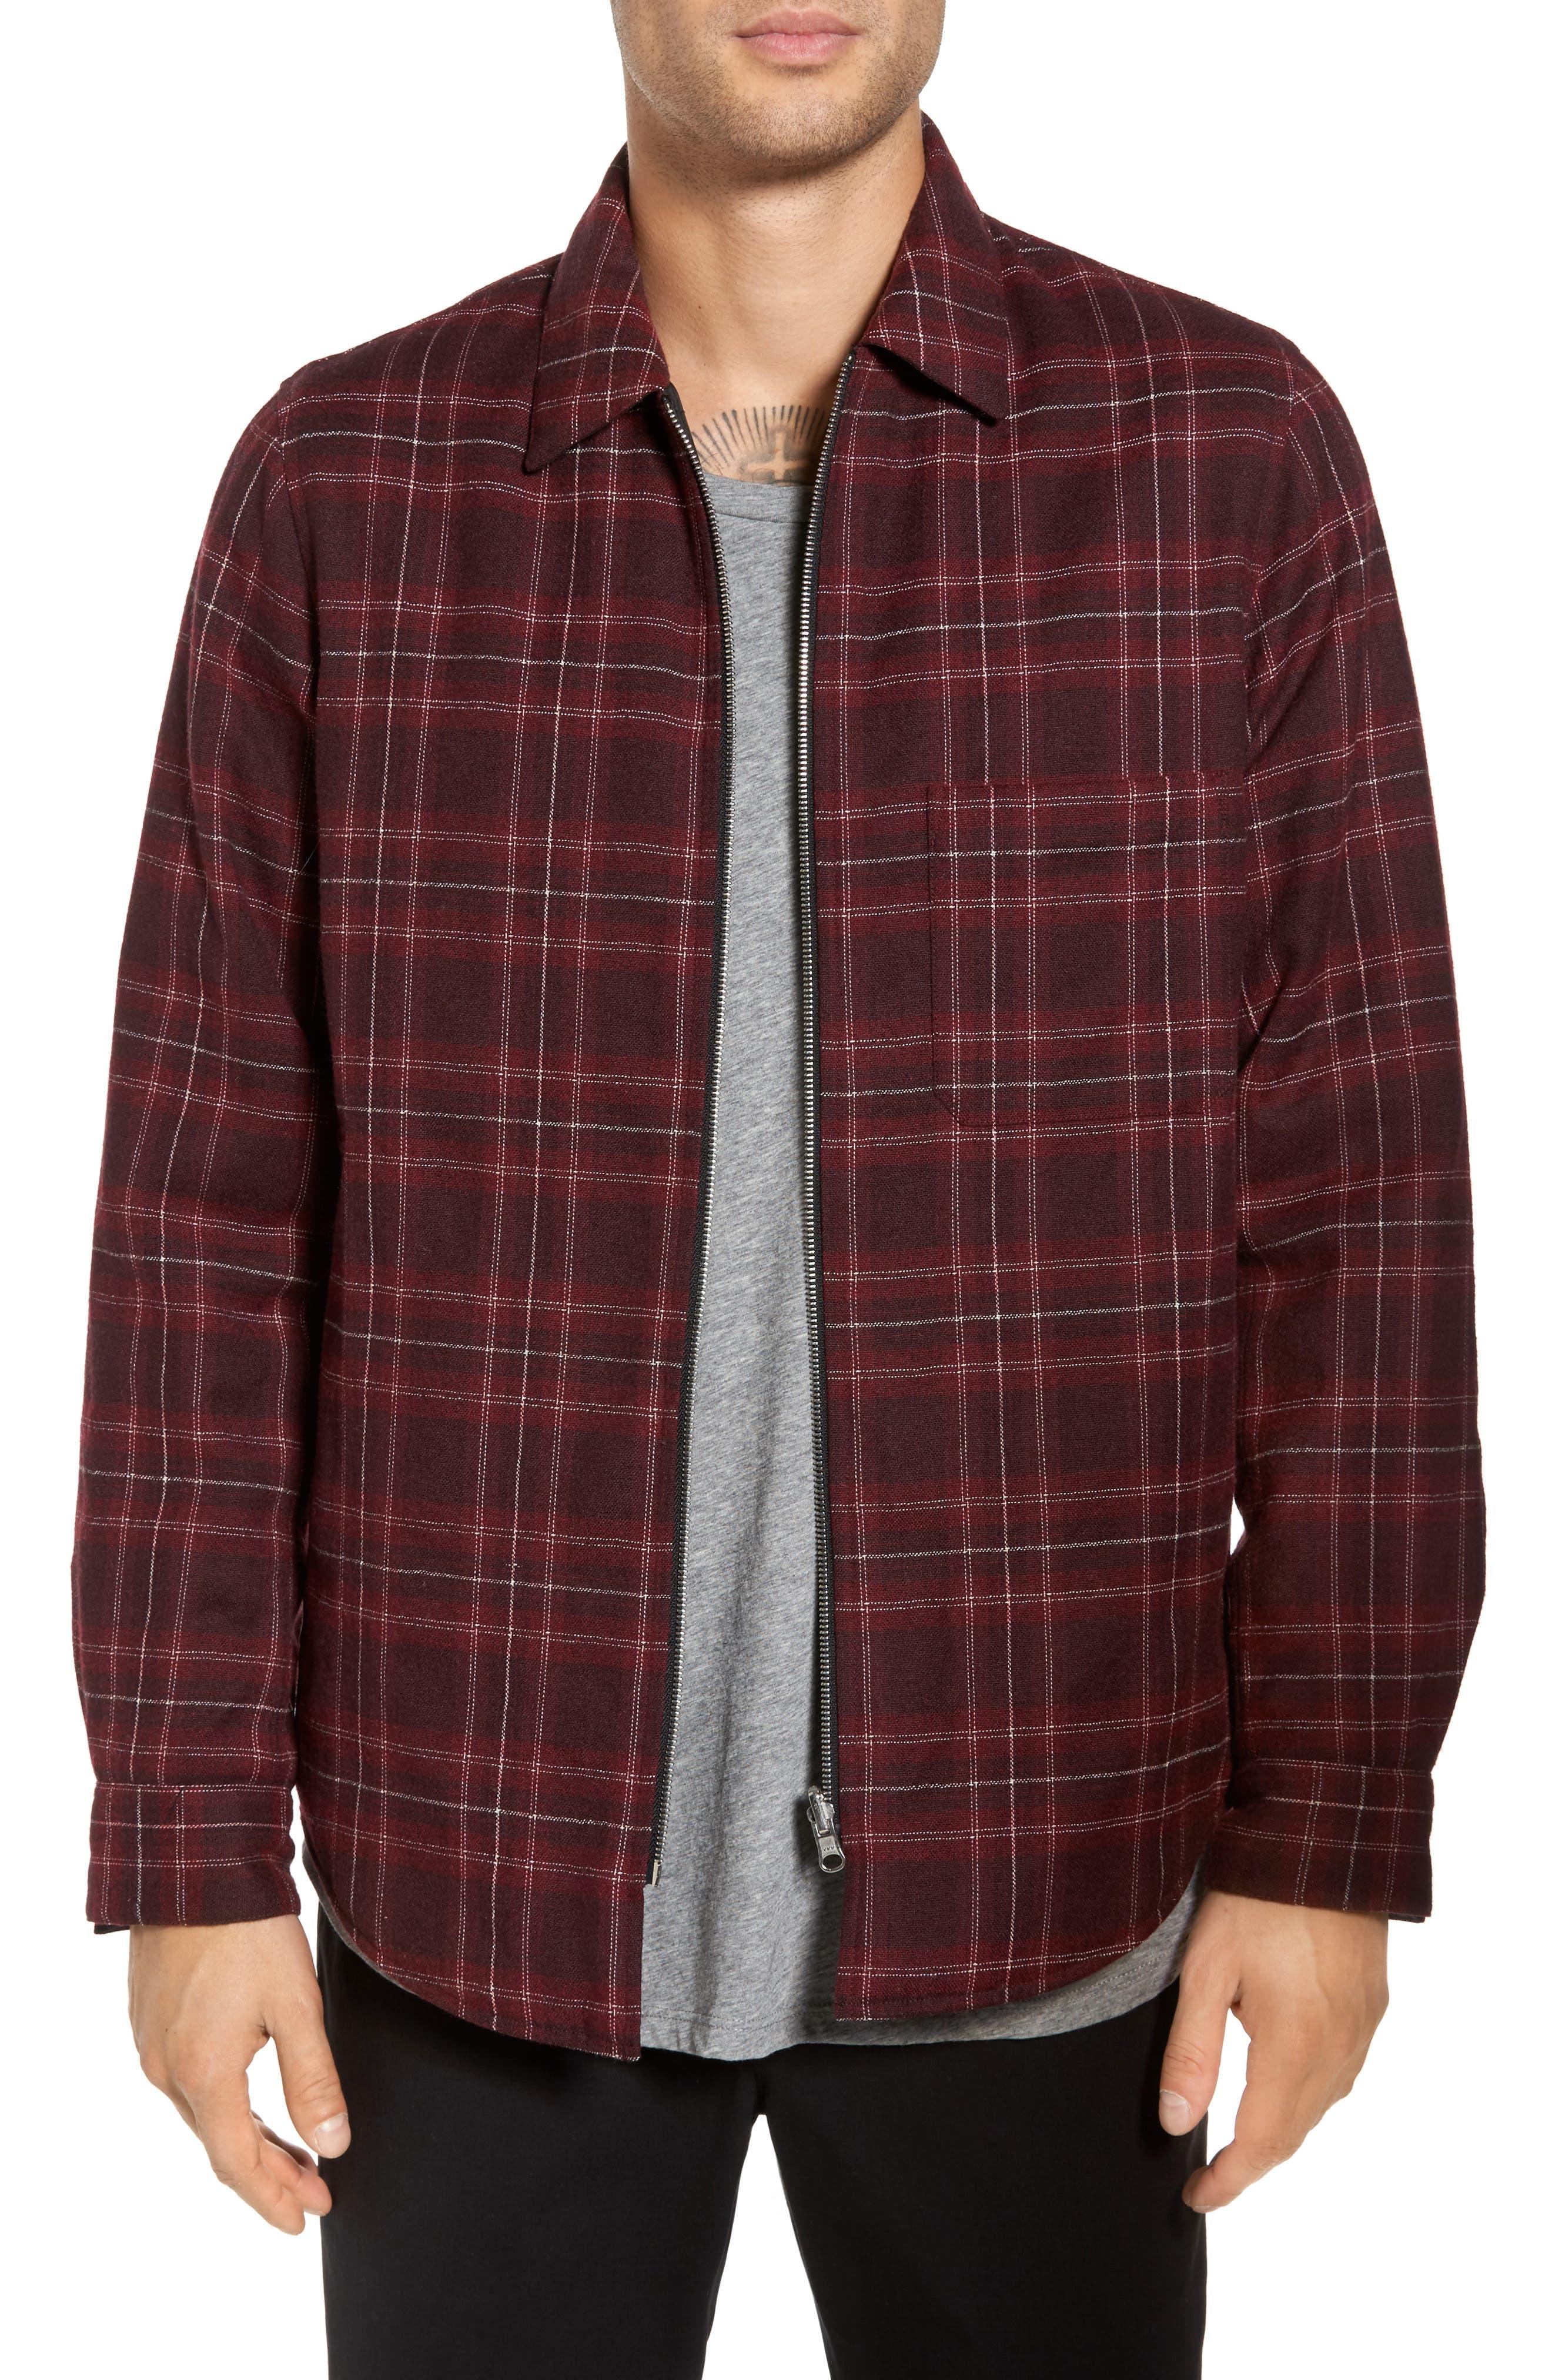 Main Image - Theory Reversible Zip Front Shirt Jacket